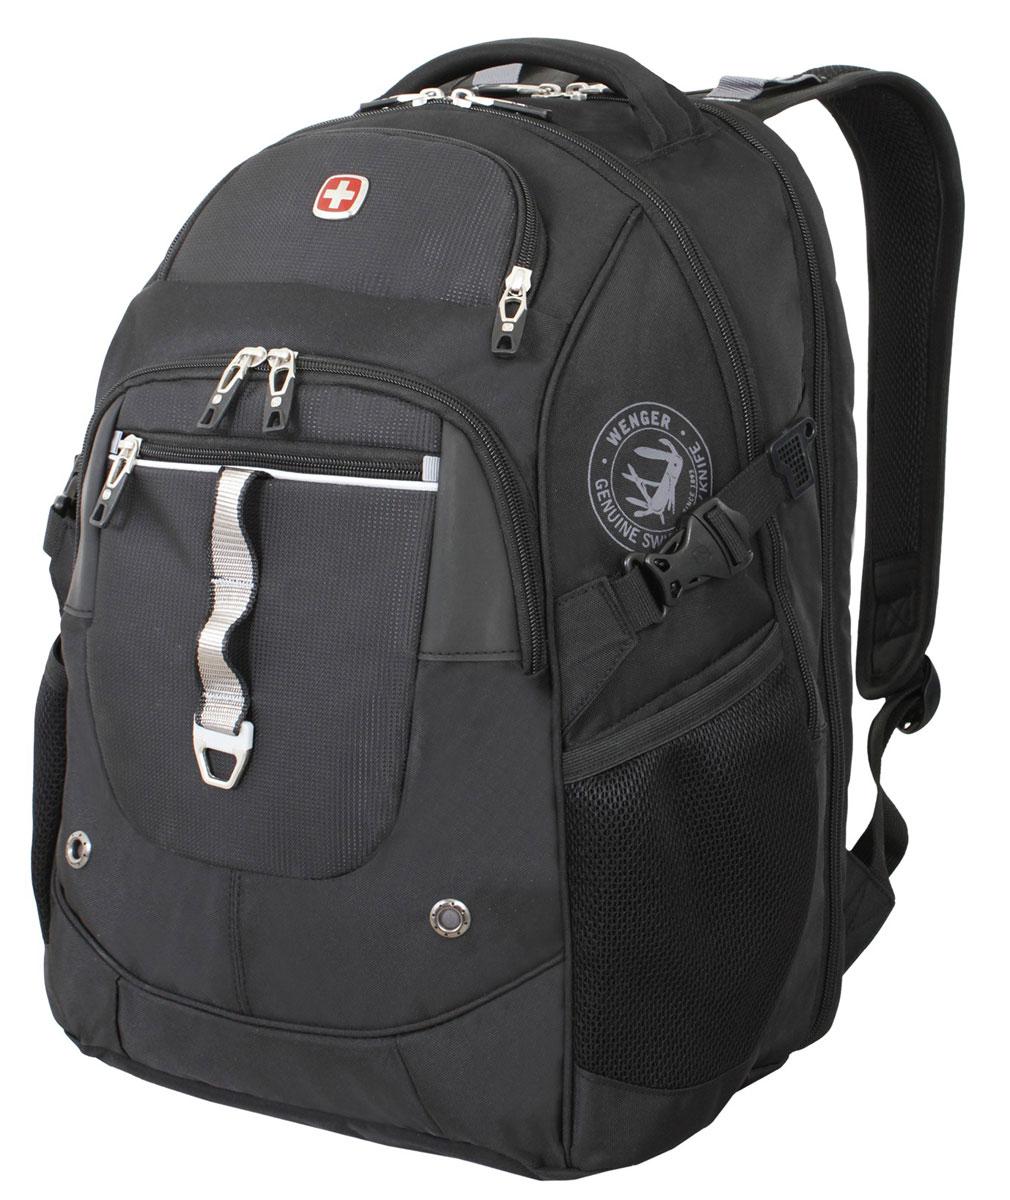 Рюкзак городской Wenger, цвет: черный, серебристый, 34 см x 22 см x 46 см, 34 лBP-001 BKВысококачественный и стильный, надежный и удобный, а главное прочный рюкзак Wenger. Благодаря многофункциональности данный рюкзак позволяет удобно и легко укладывать свои вещи.Особенности рюкзака:2 внешних кармана на молнии. 2 внешних сетчатых кармана для бутылок с водой. Большое основное отделение. Внешний карман для очечника на молнии. Внешнее металлическое кольцо. Внутренний карабин для ключей. Возможность крепления на чемодане. Карман-органайзер для мелких предметов. Карман для планшетного компьютера с диагональю до 38 см. Металлические застежки молний с пластиковыми вставками. Мягкая ручка для переноски. Отделение на липучке для ноутбука 15 с системой ScanSmart. Петля для очков. Регулируемые плечевые ремни Внутренний сетчатый карман на молнии для хранения аксессуаров ноутбука. Стягивающие ремни. Эргономичная спинка с системой циркуляции воздуха Airflow.